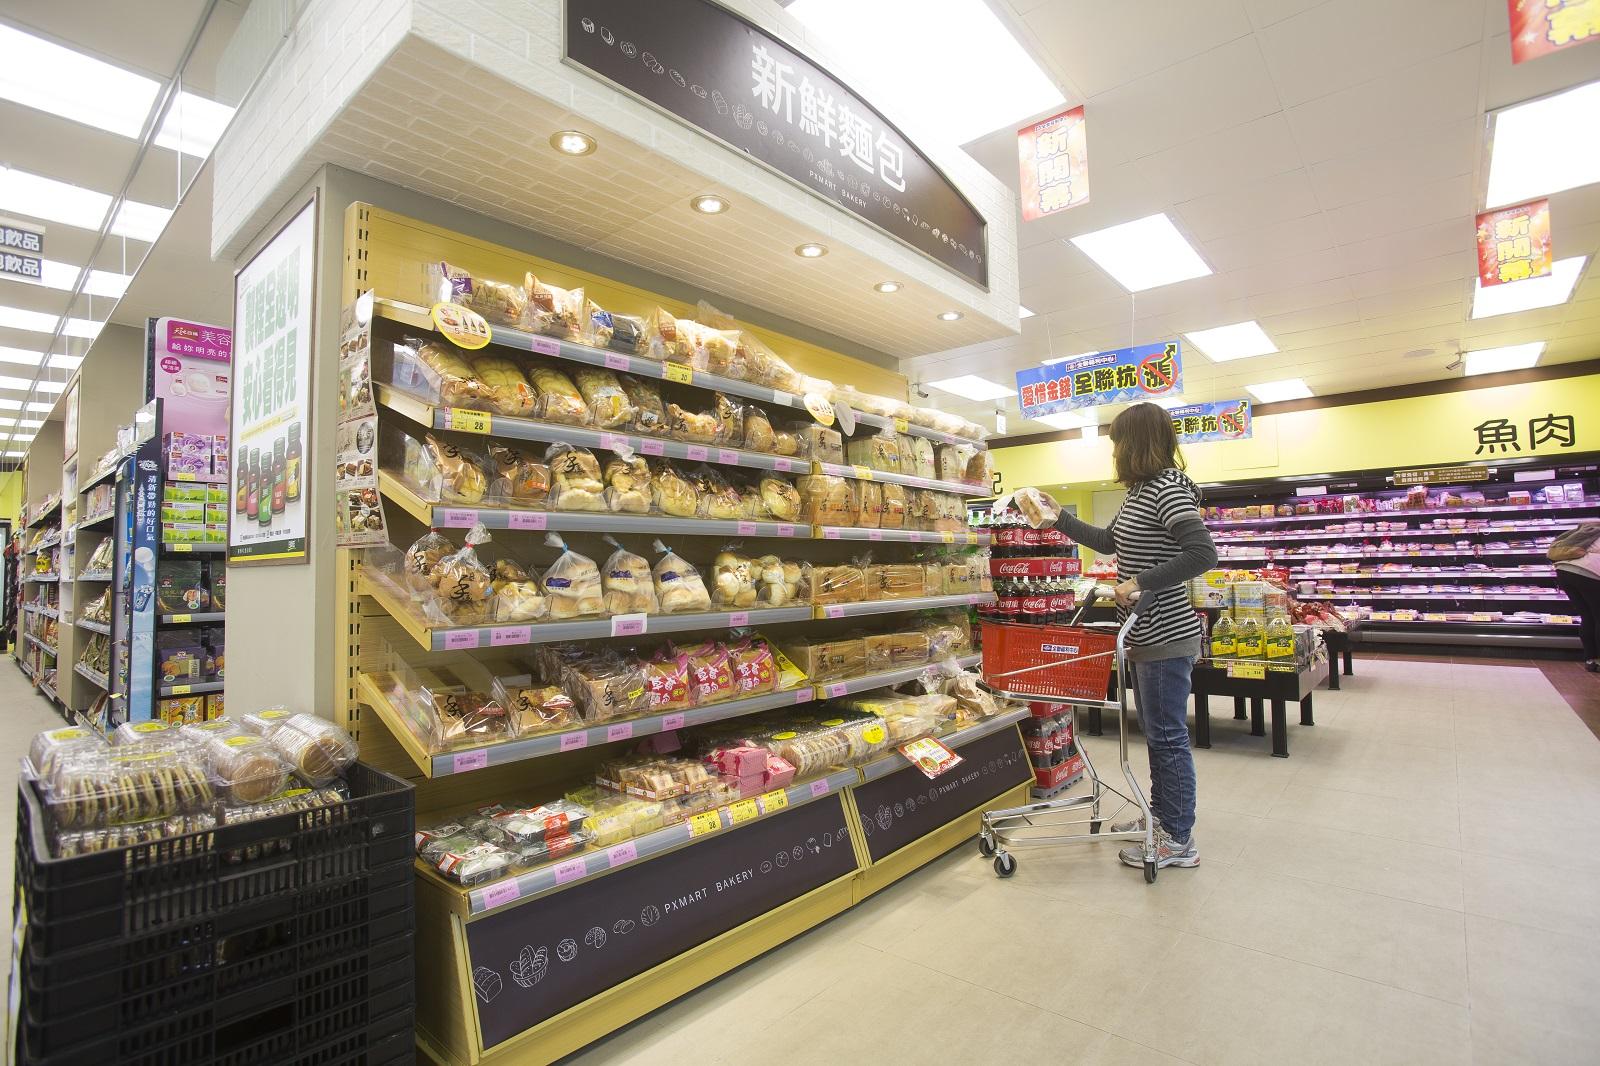 全聯白吐司1年賣出1.5億!未來現烤麵包占比估達50% 究竟是如何做到?